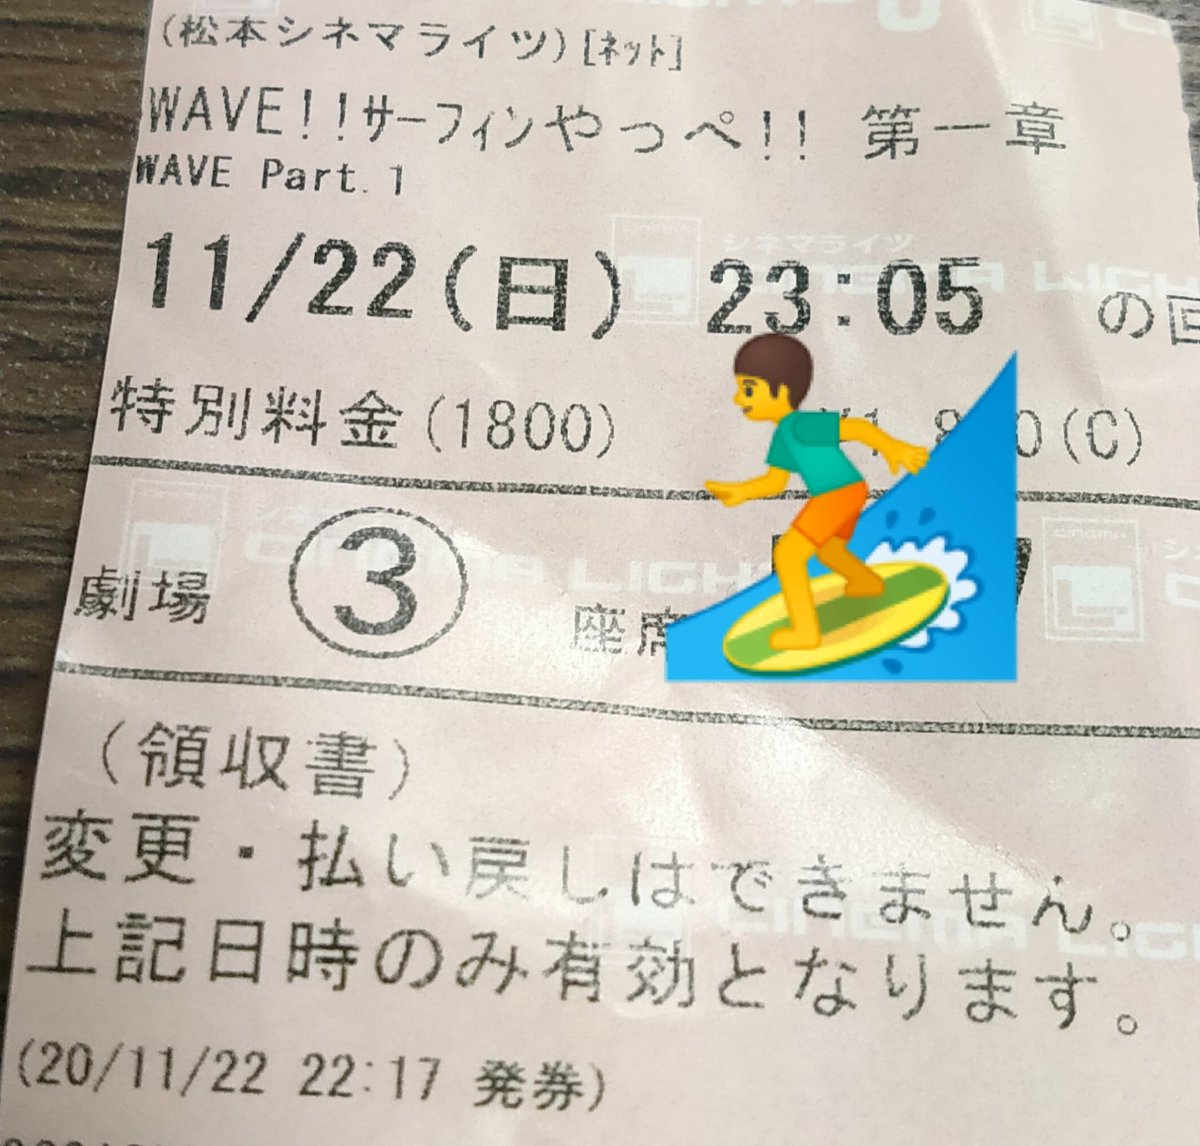 シネマ 時間 上映 松本 ライツ